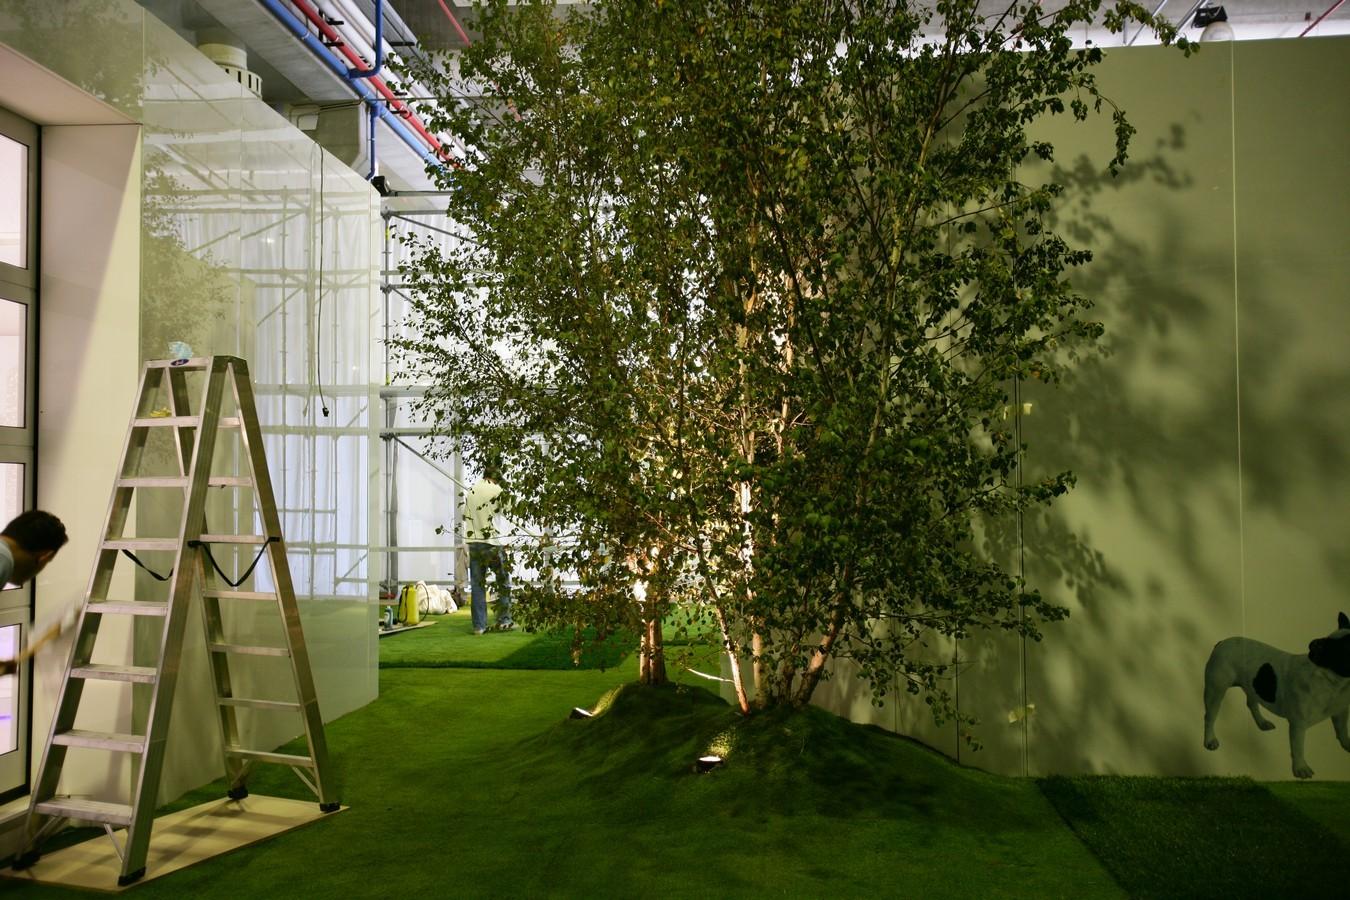 Abitare il Tempo - Giardino Formale in Chiave Contemporanea - per Arch. Simone Micheli - Allestimenti Speciali